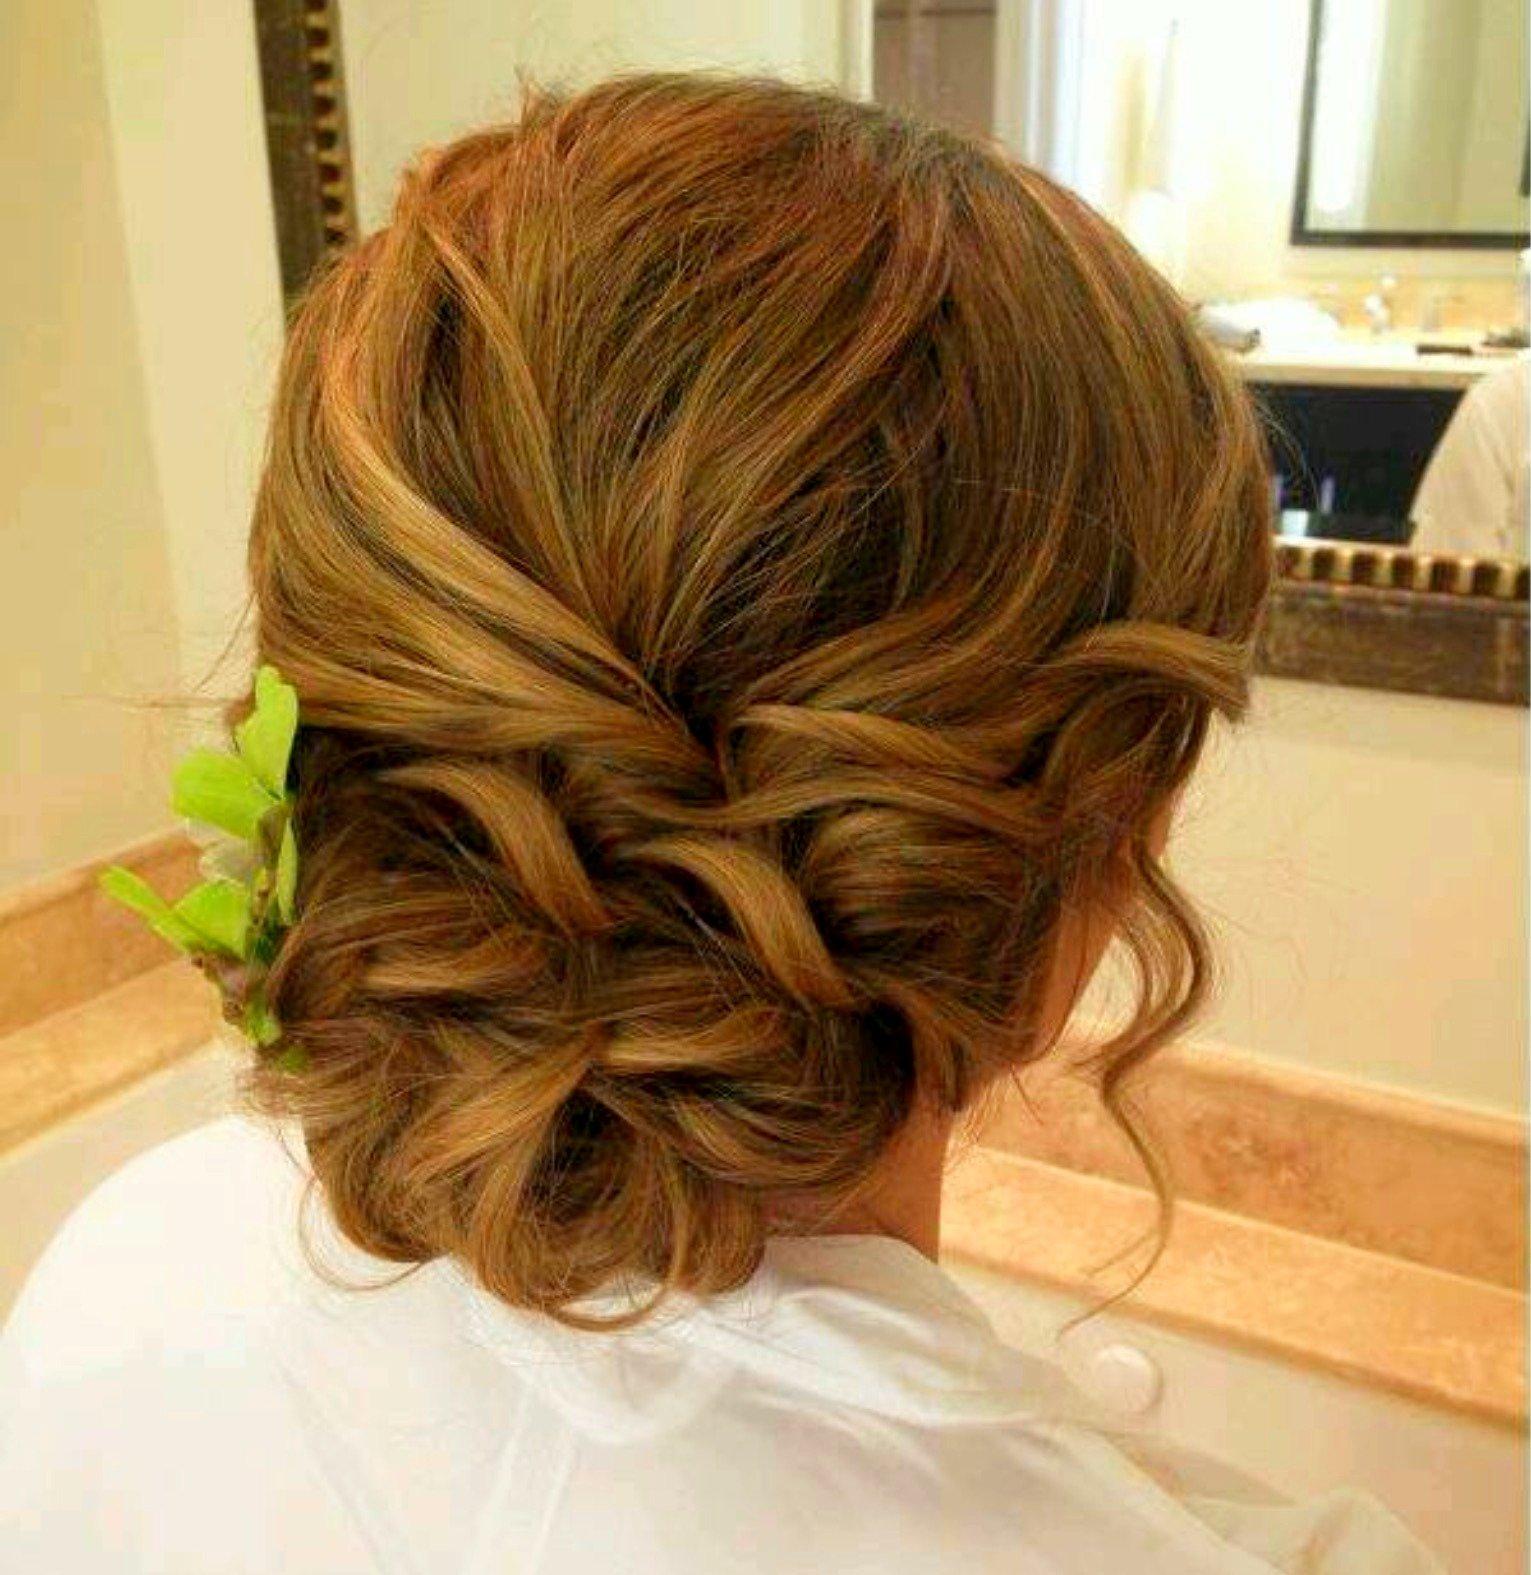 Причёска на выпускной на короткие волосы 9 класс фото